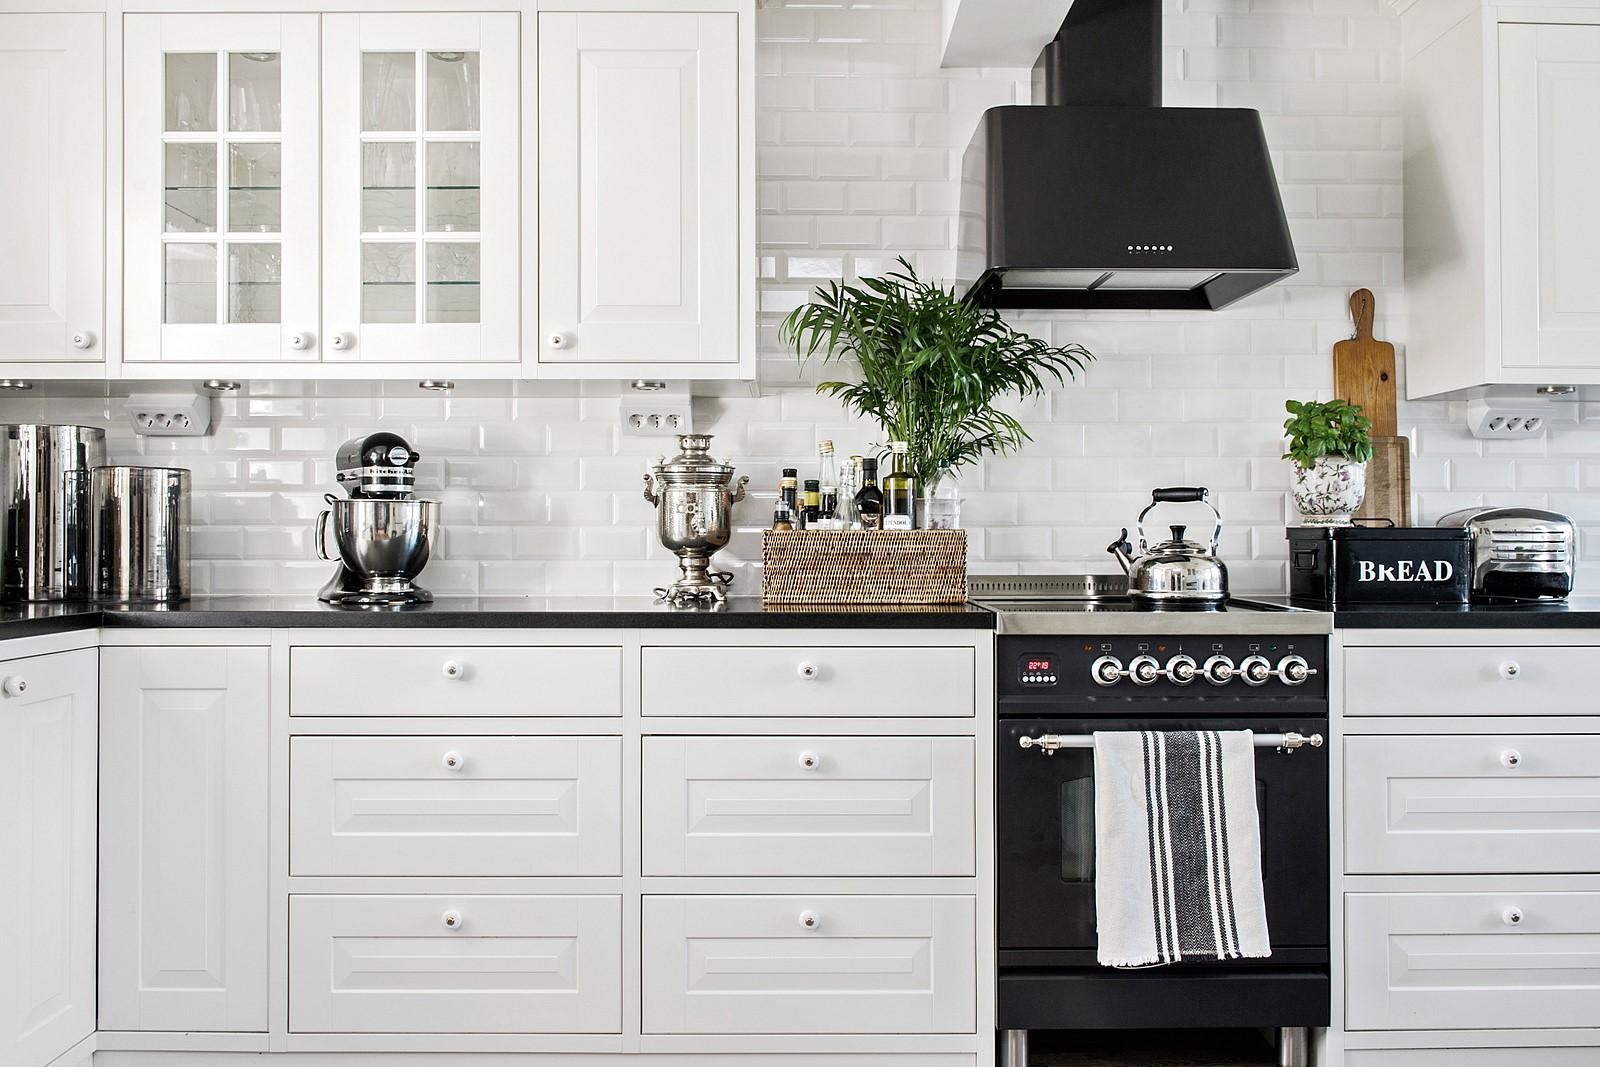 кухня плитка кабанчик белые фасады филёнка черная столешница плита вытяжка кухонные аксессуары